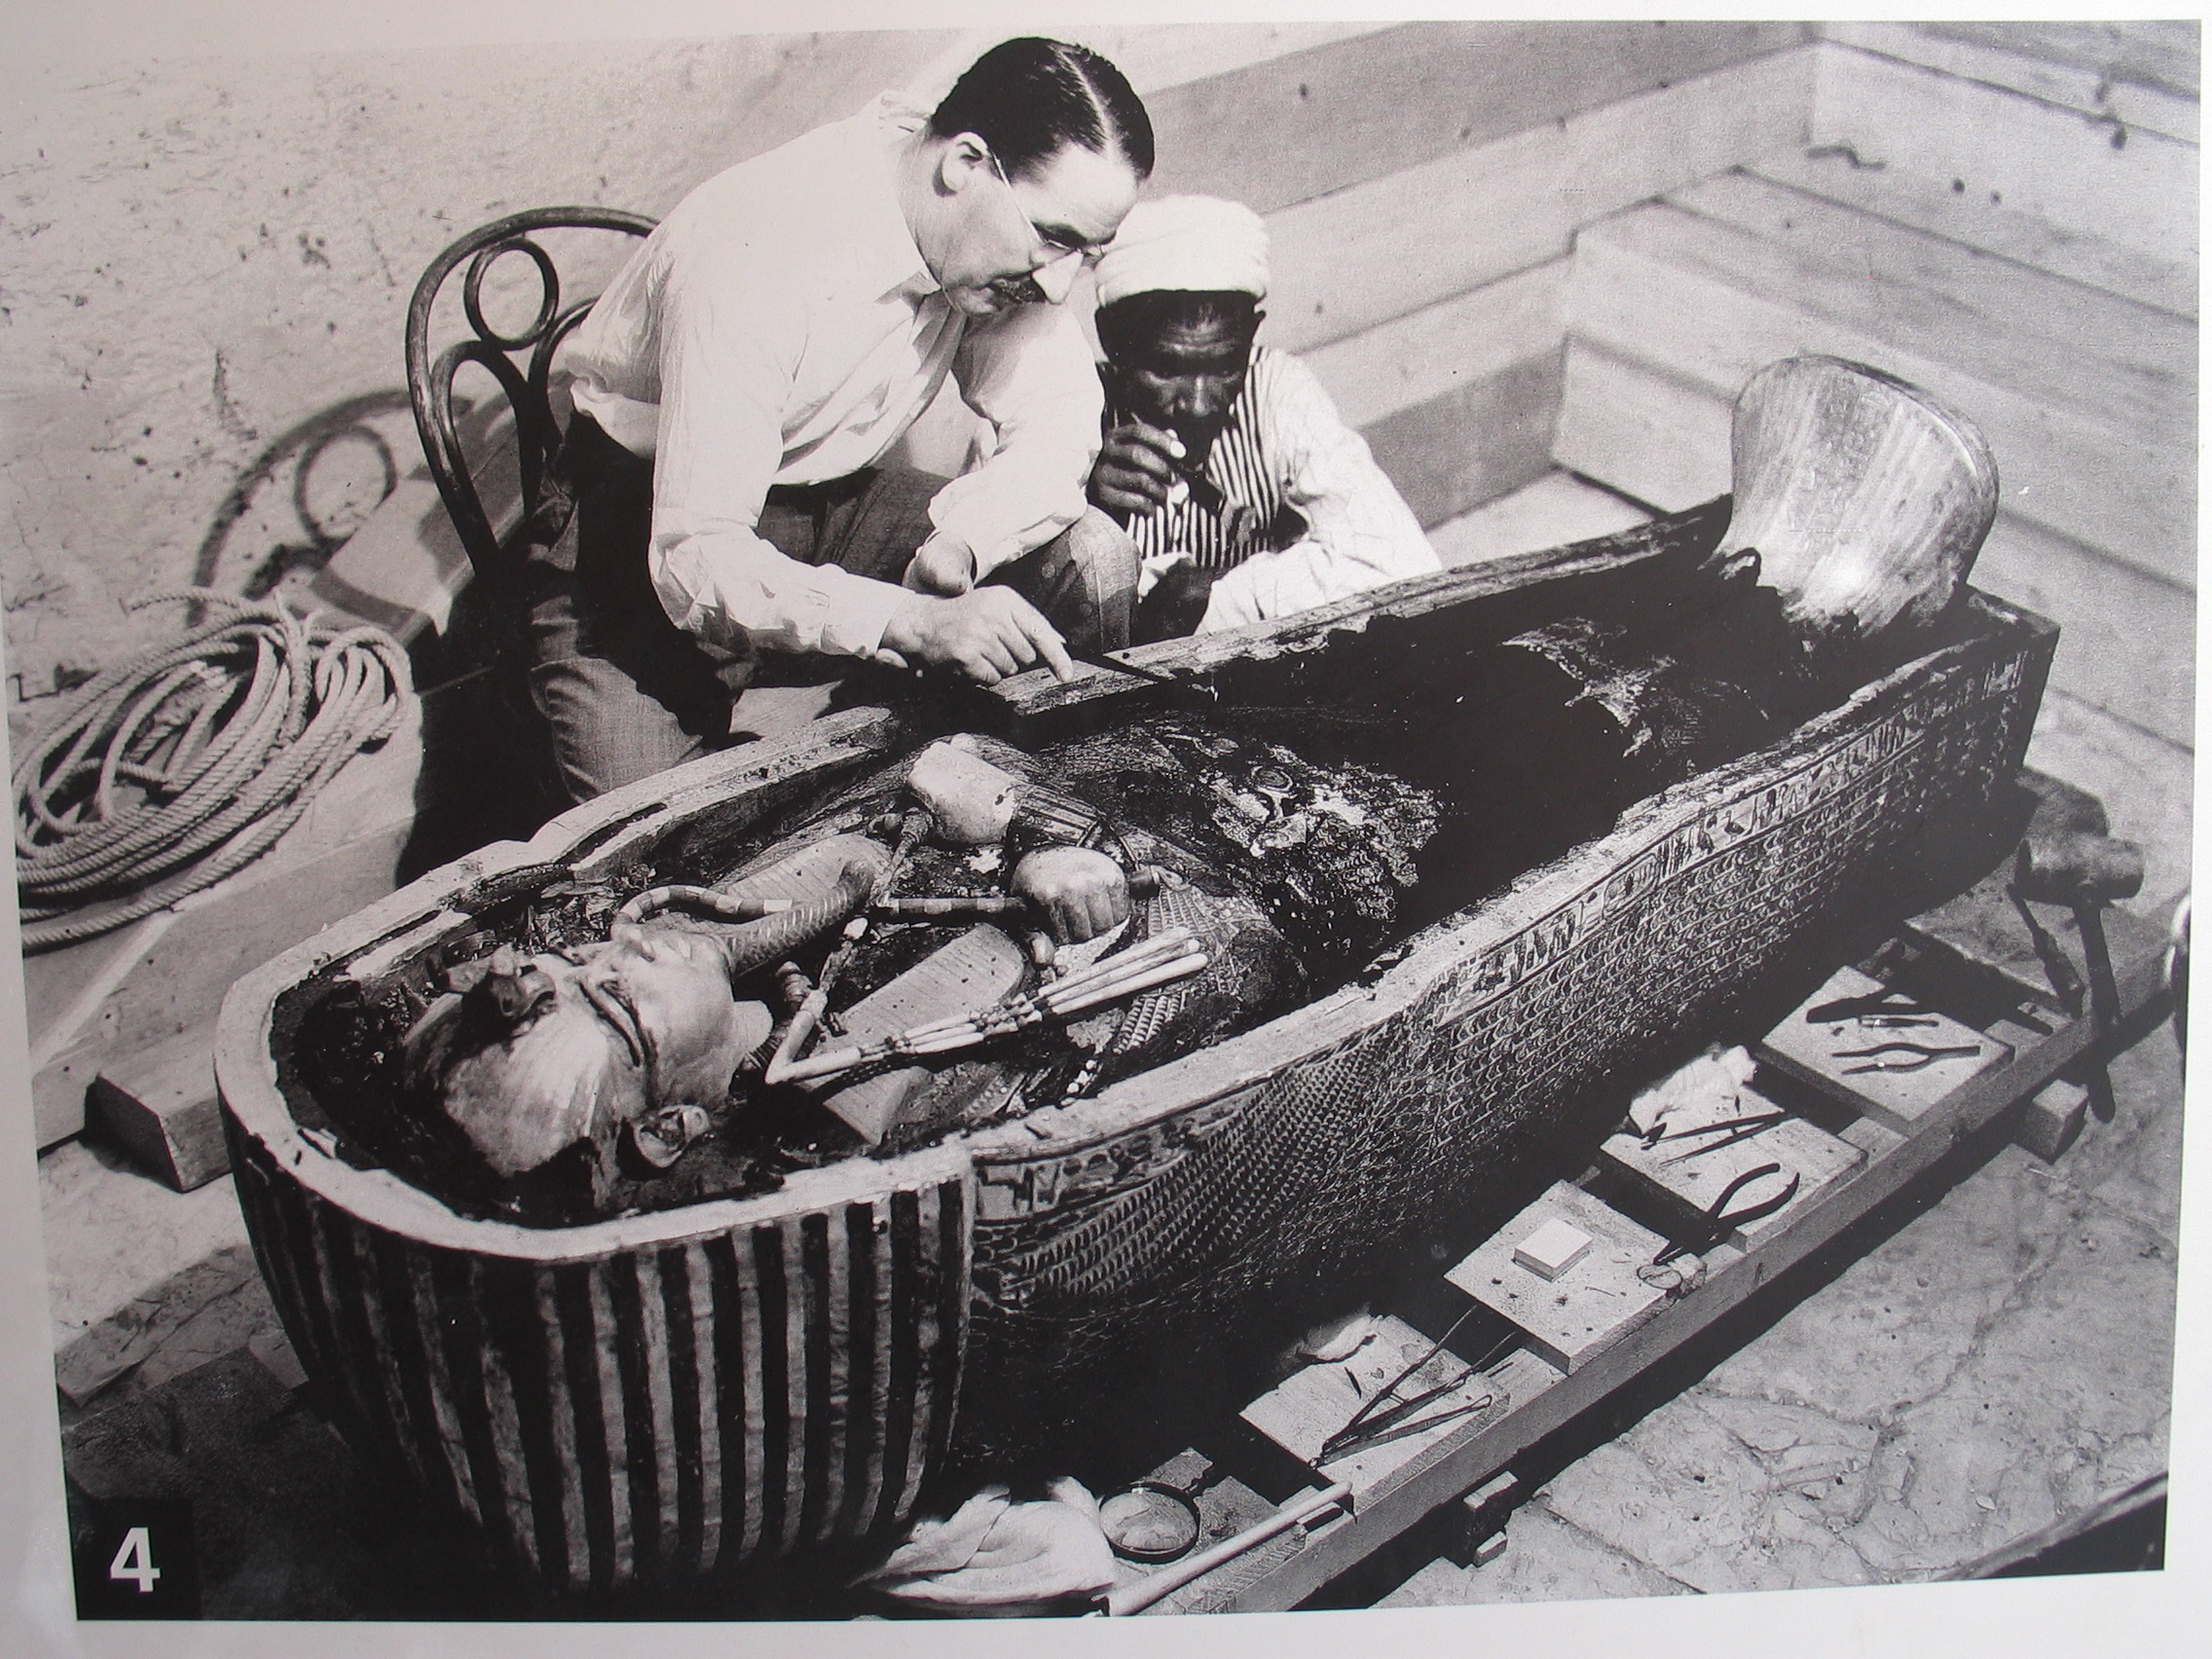 Nota: Em 16 de fevereiro de 1923, o arqueólogo britânico Howard Carter, rodeado pelos olhos atentos de alguns oficiais, abria a câmara funerária do faraó […]